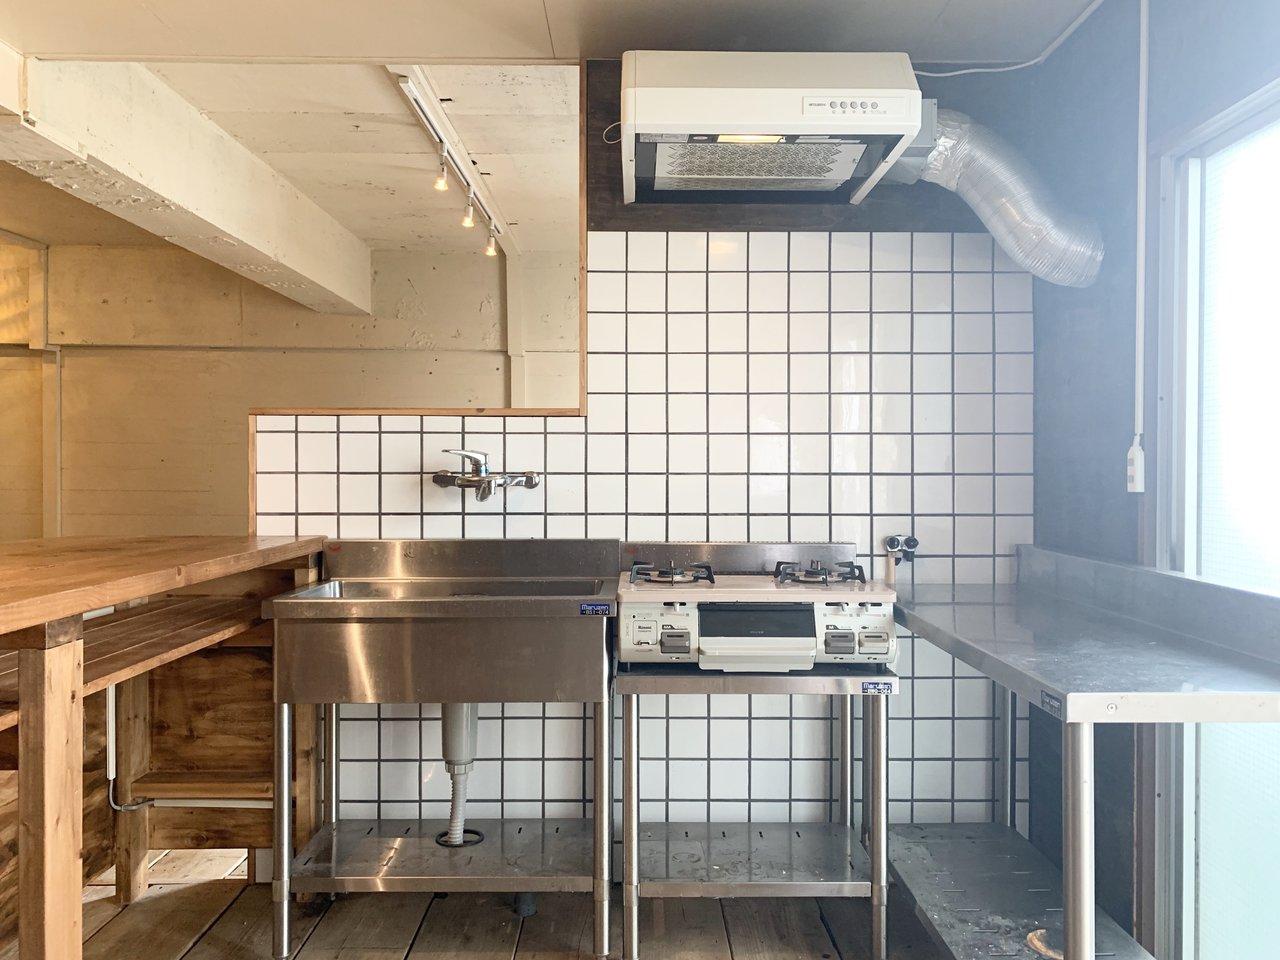 シンプルなステンレスのキッチンも、味があって良いですね。左側はカウンターがついているので、ちょっとしたバーがお部屋の中にあるみたい。